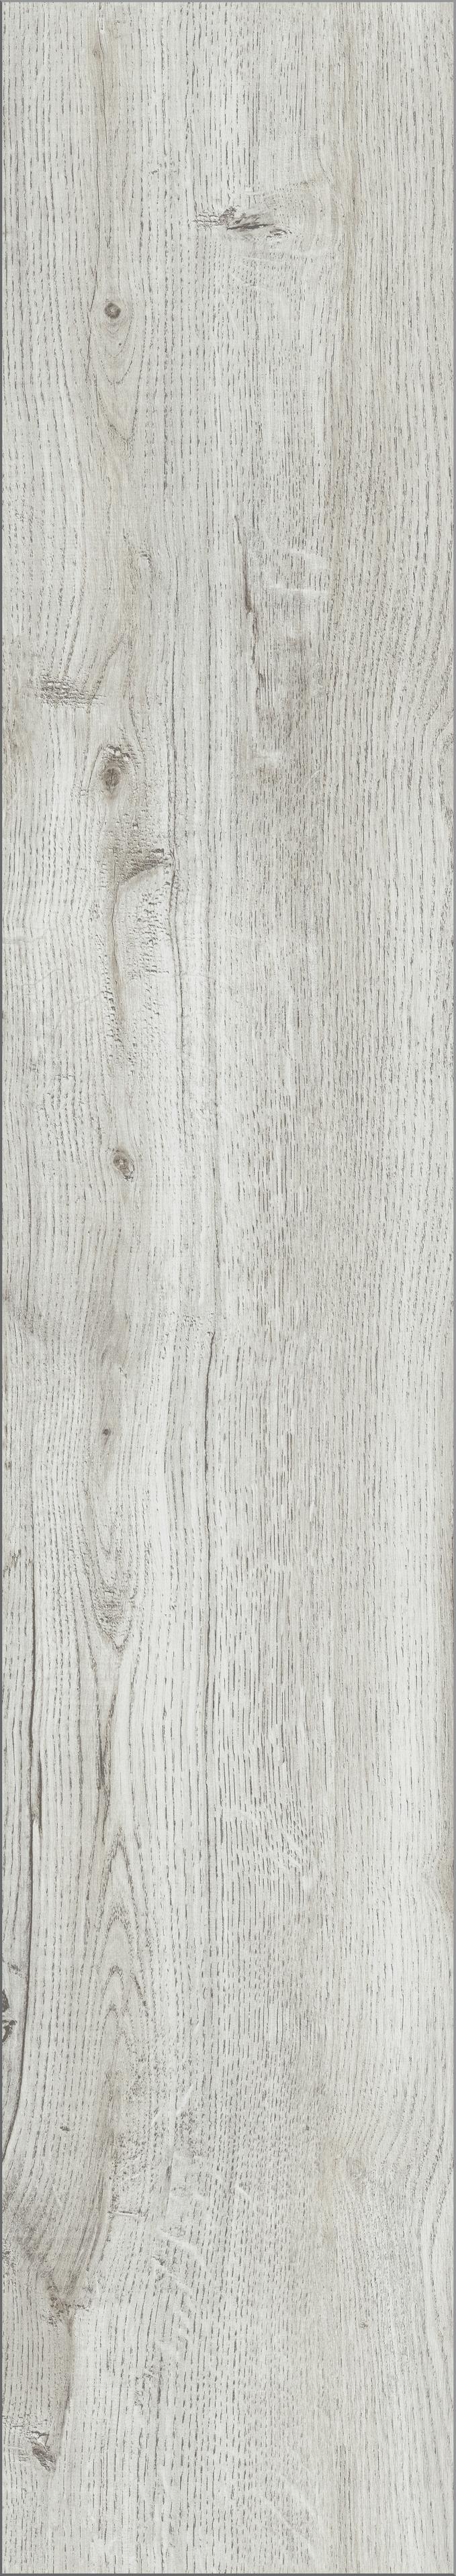 kronotex exquisit plus laminat montmelo eiche creme d. Black Bedroom Furniture Sets. Home Design Ideas